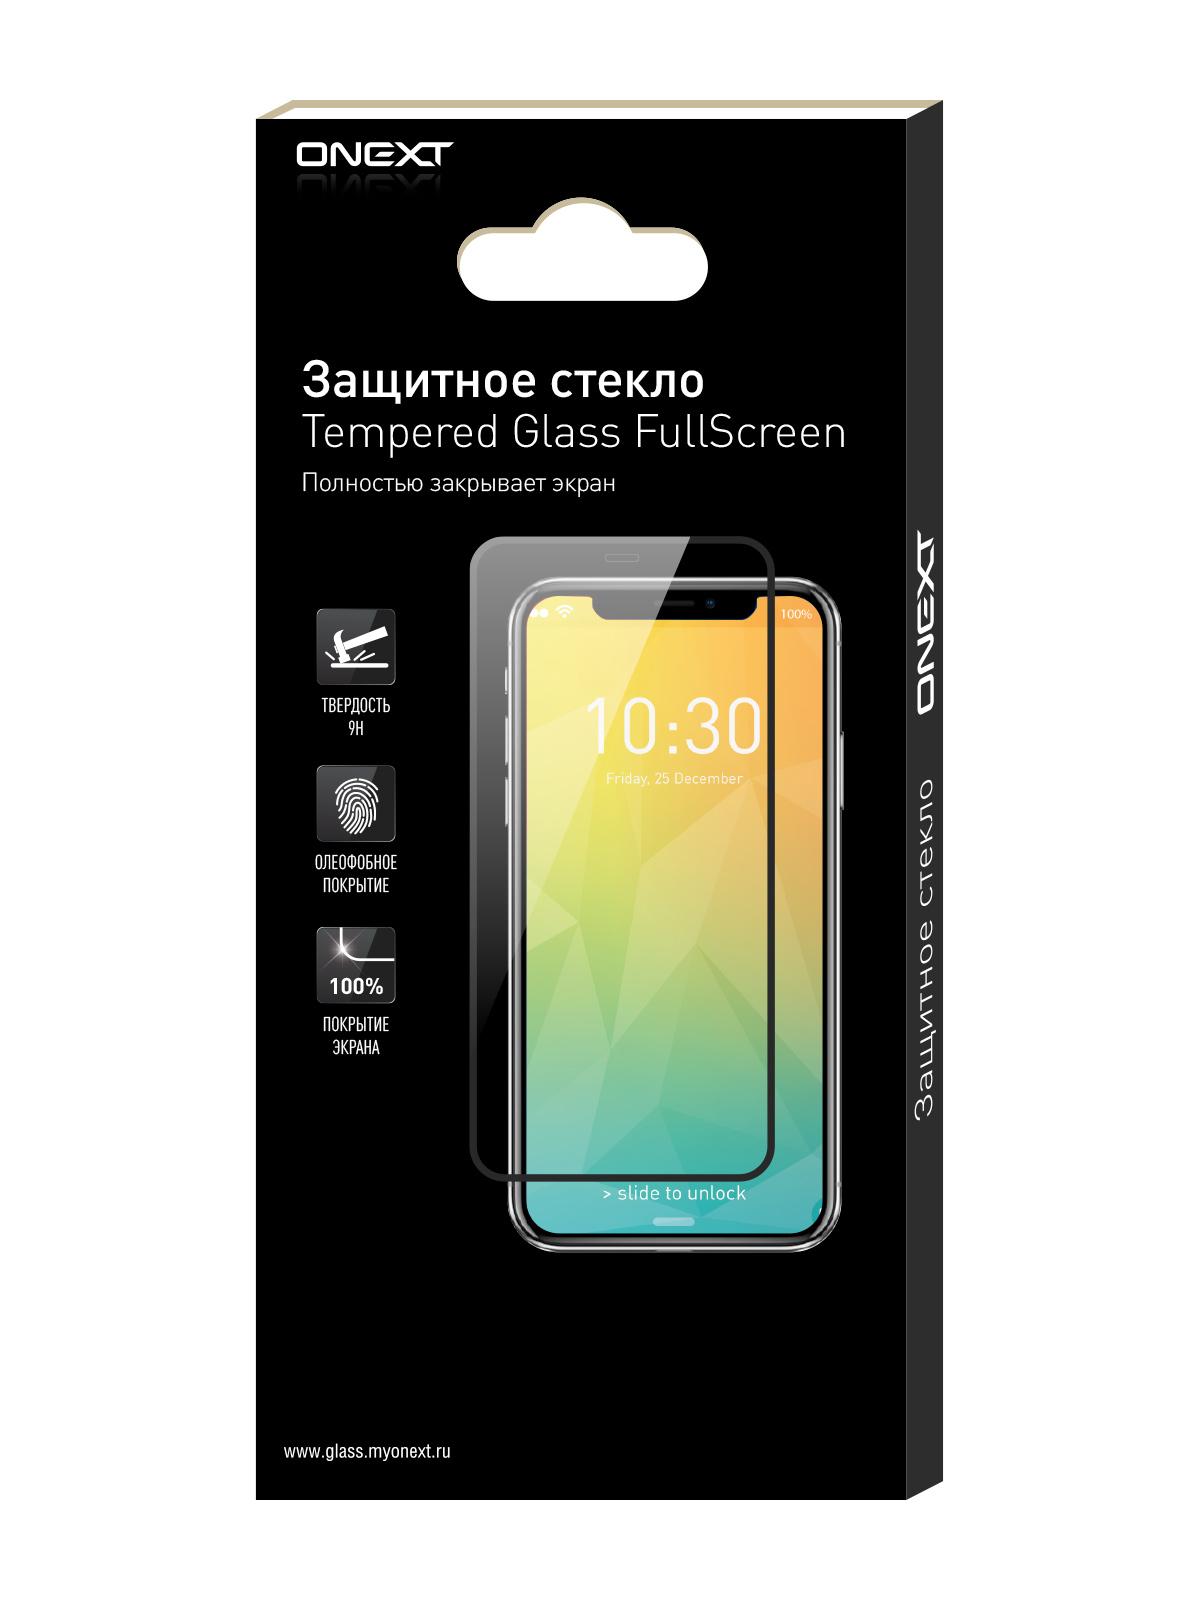 Защитное стекло ONEXT для Apple iPhone 7/iPhone 8 White